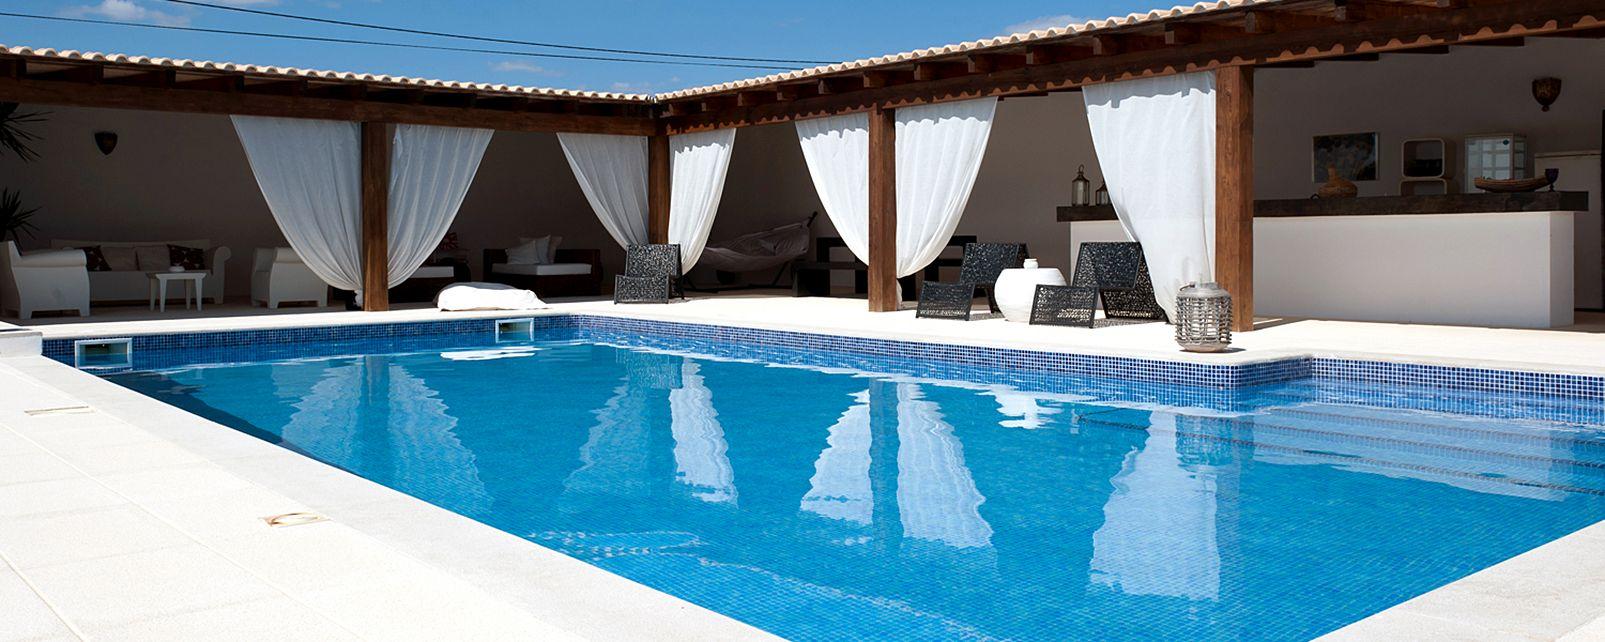 Hotel Vilacampina